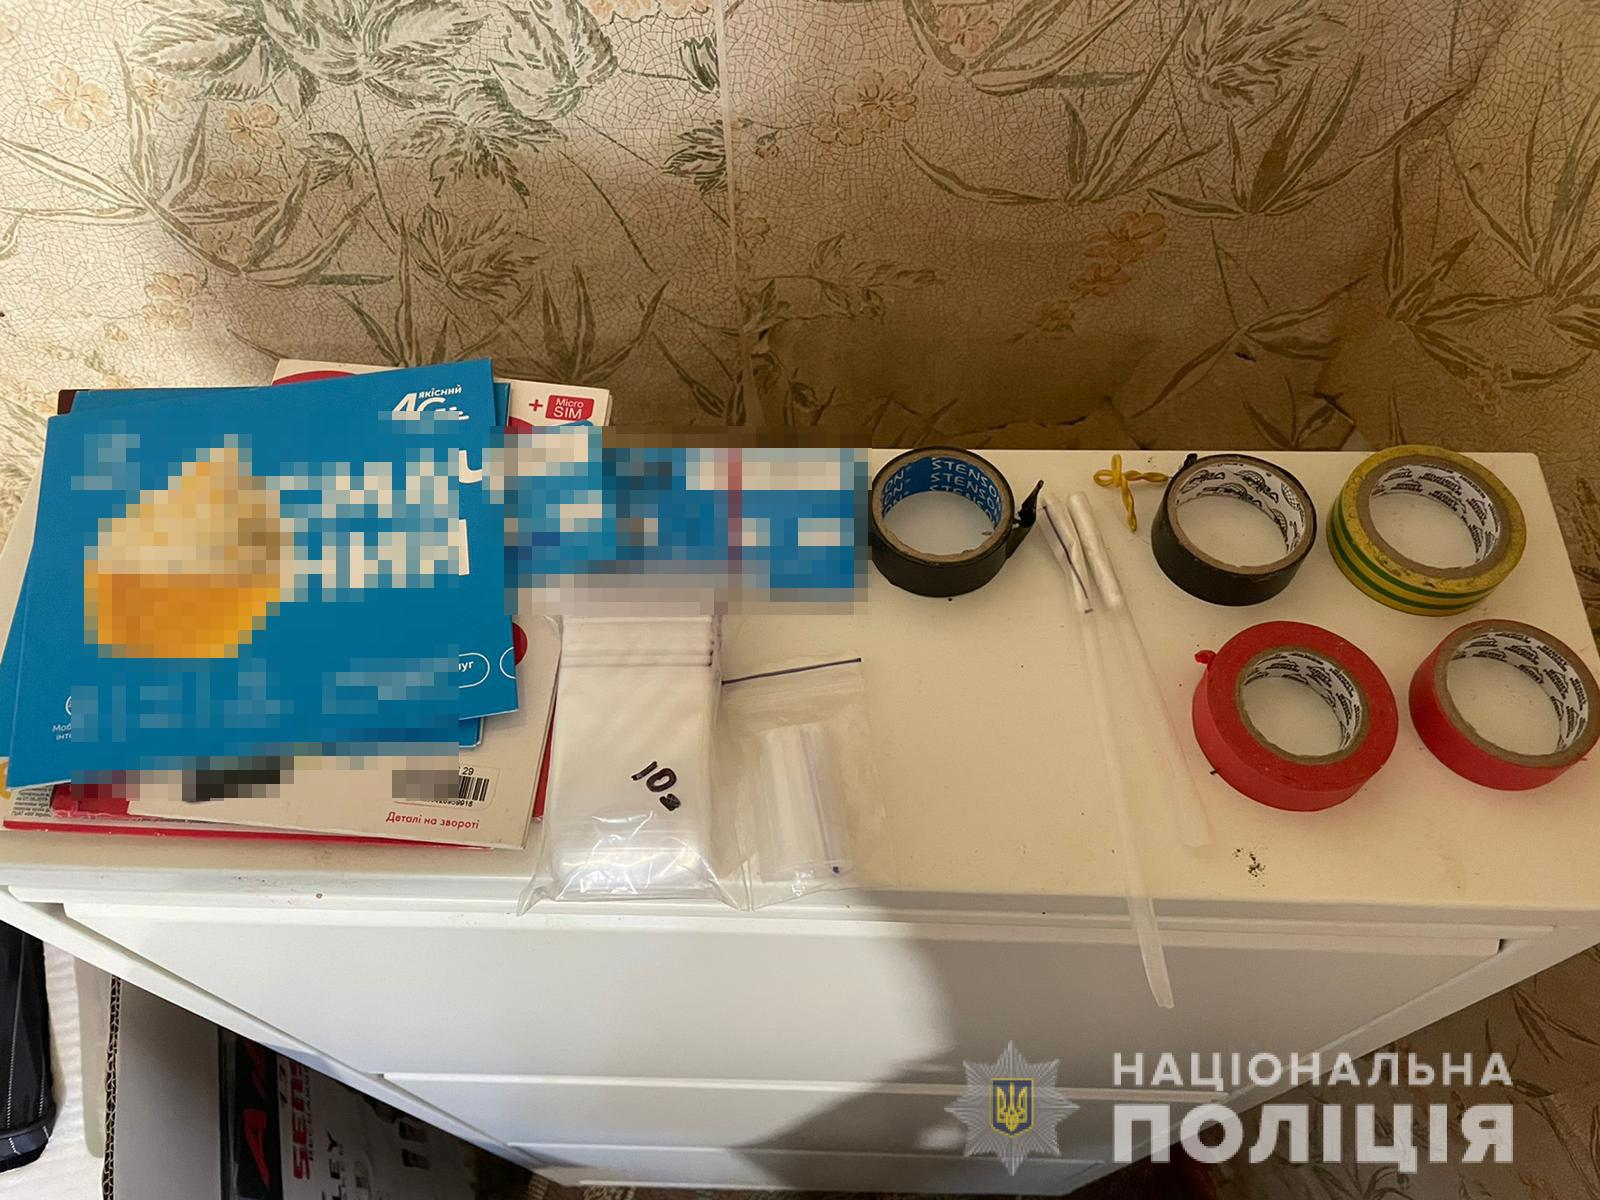 В Харькове заблокировали Интернет-магазин по продаже наркотиков